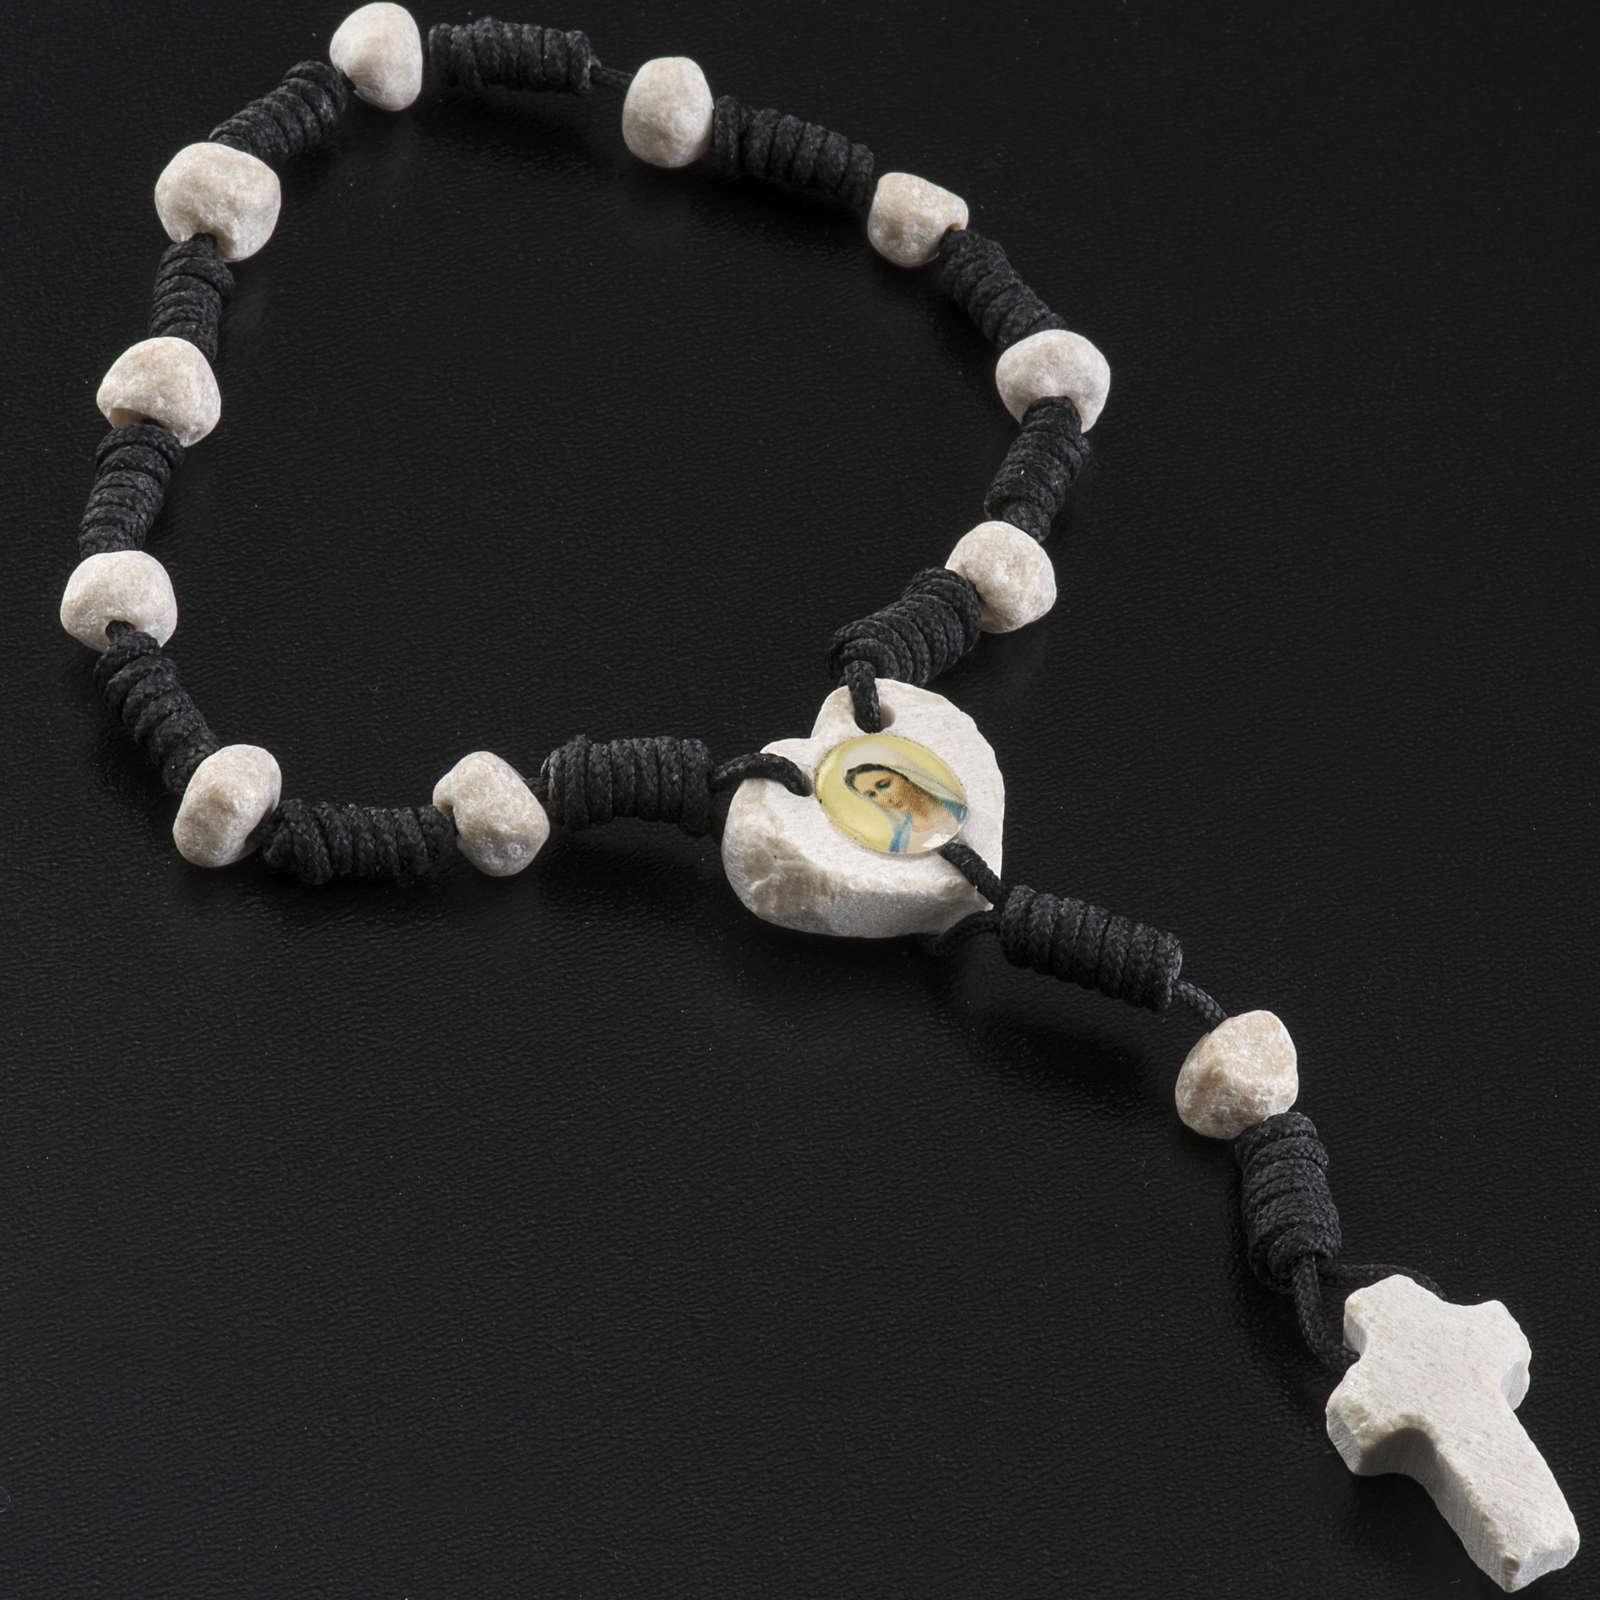 Dziesiątka Medjugorje kamień sznurek czarny łącznik serce 4